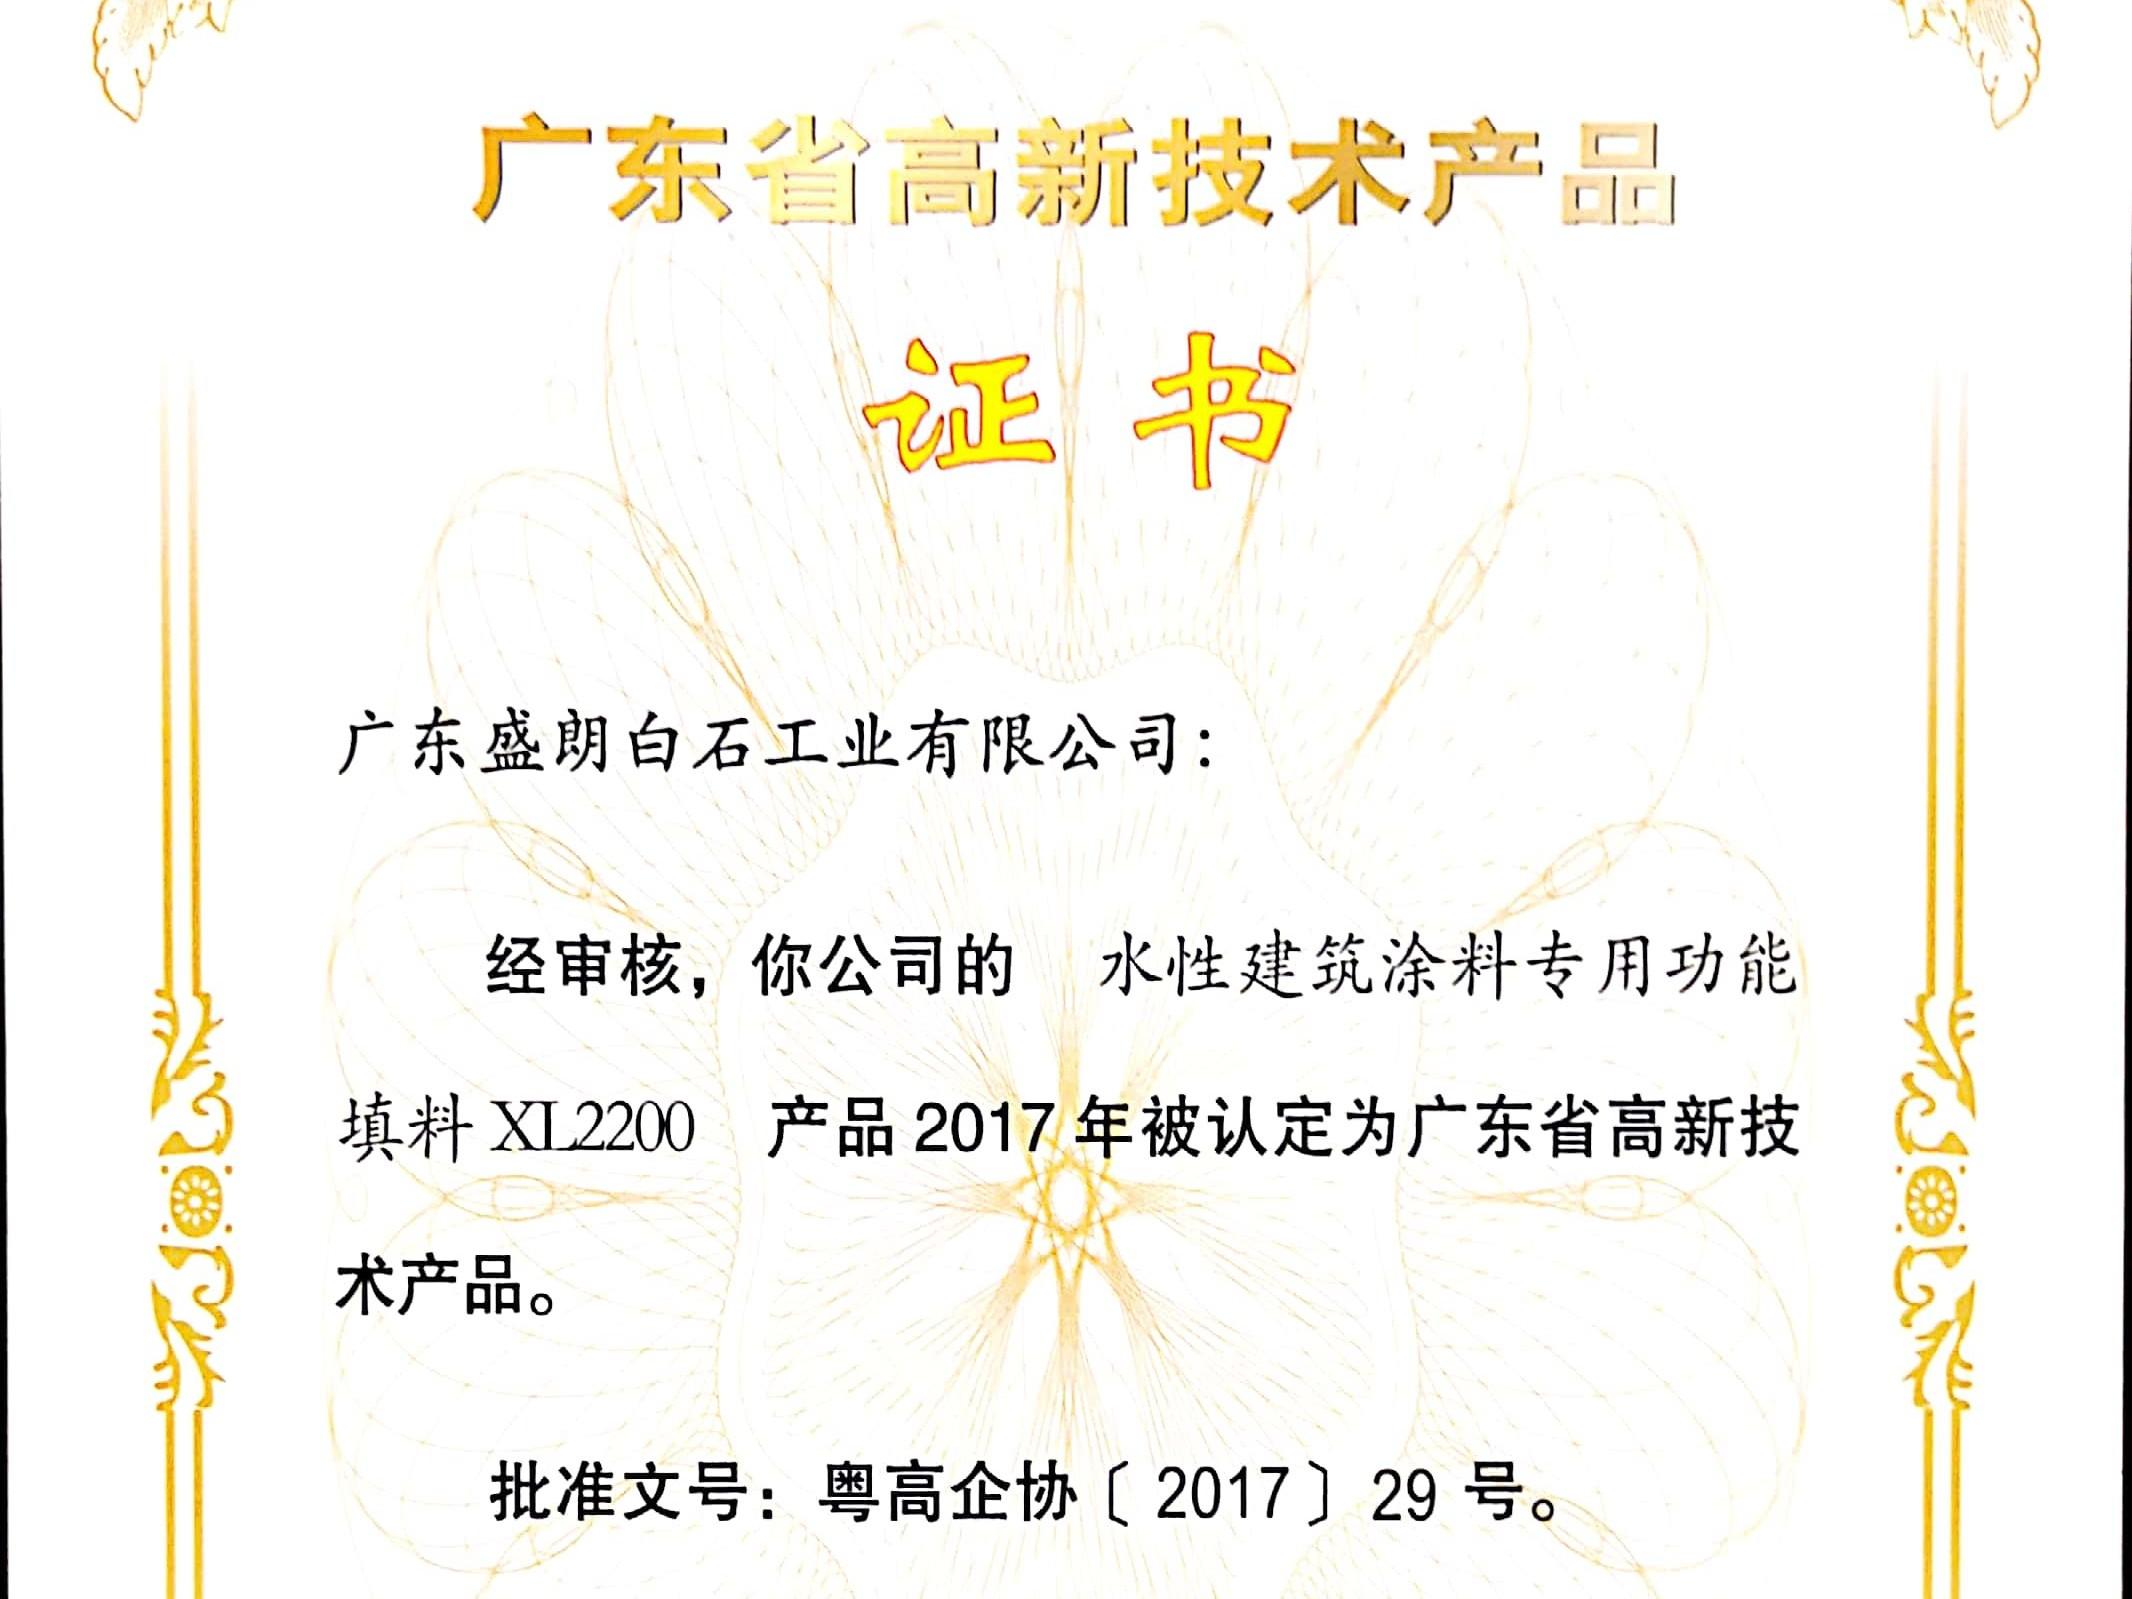 盛朗白石-XL2200高新技术证书_副本